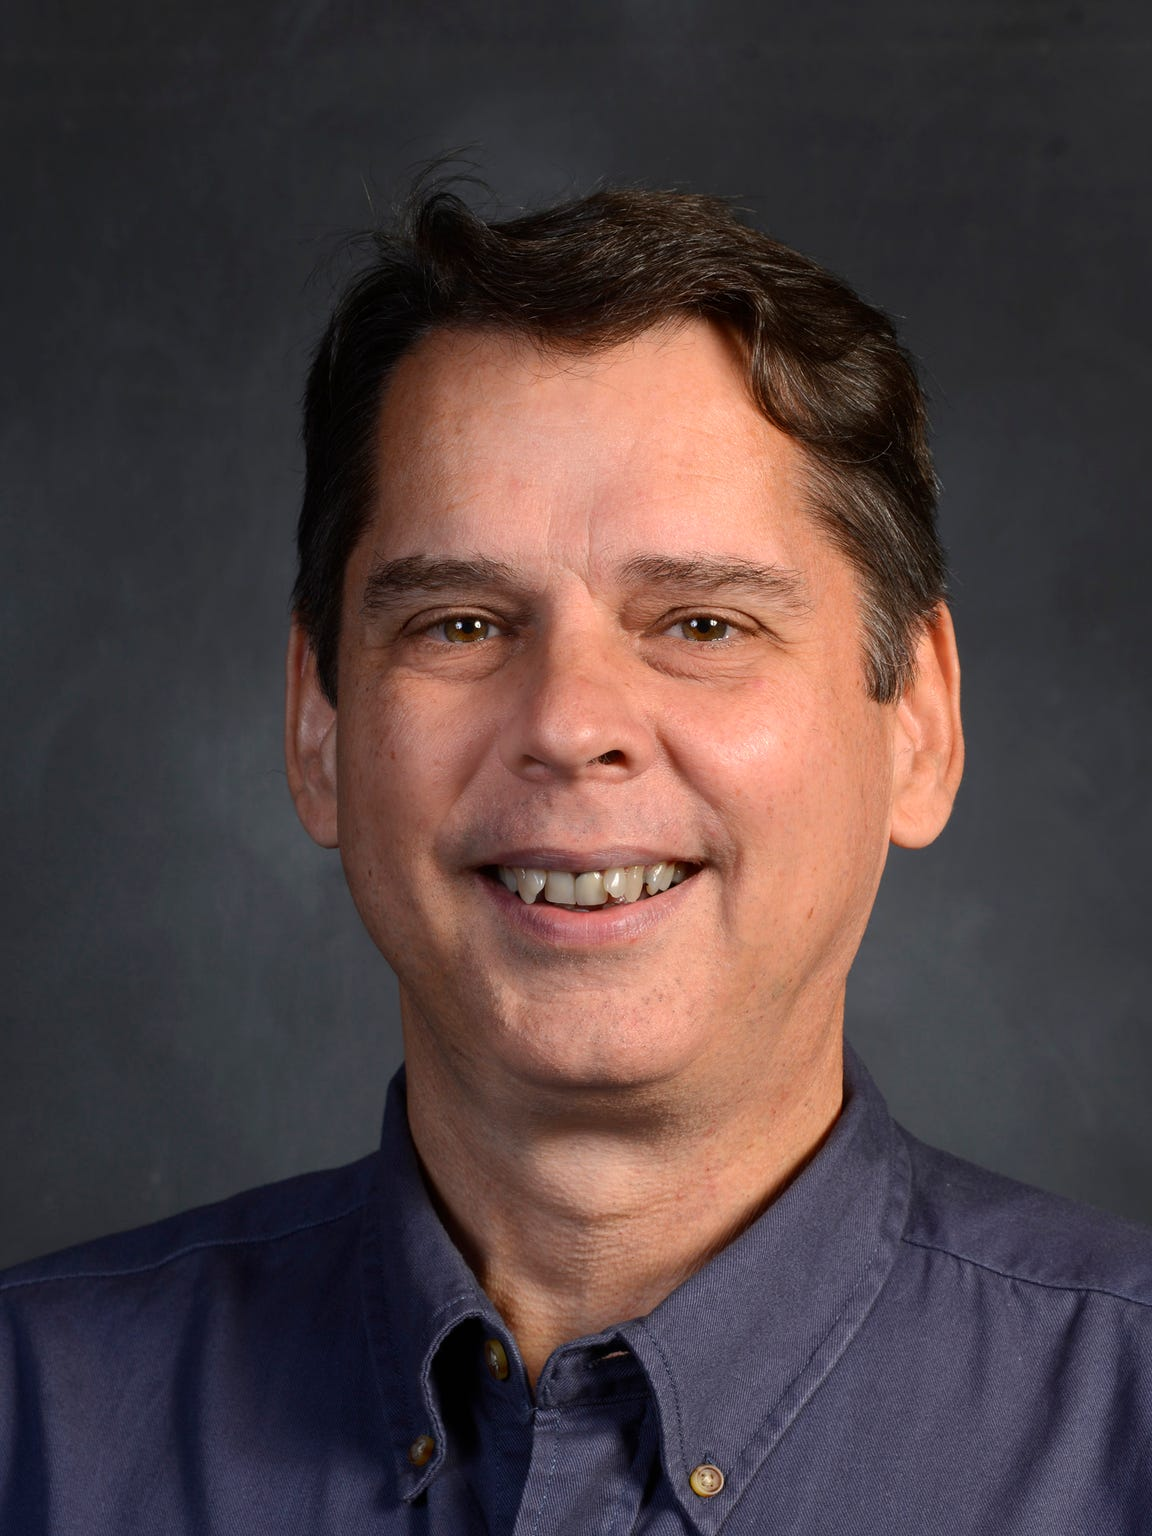 Tom Garner, Pensacola historian